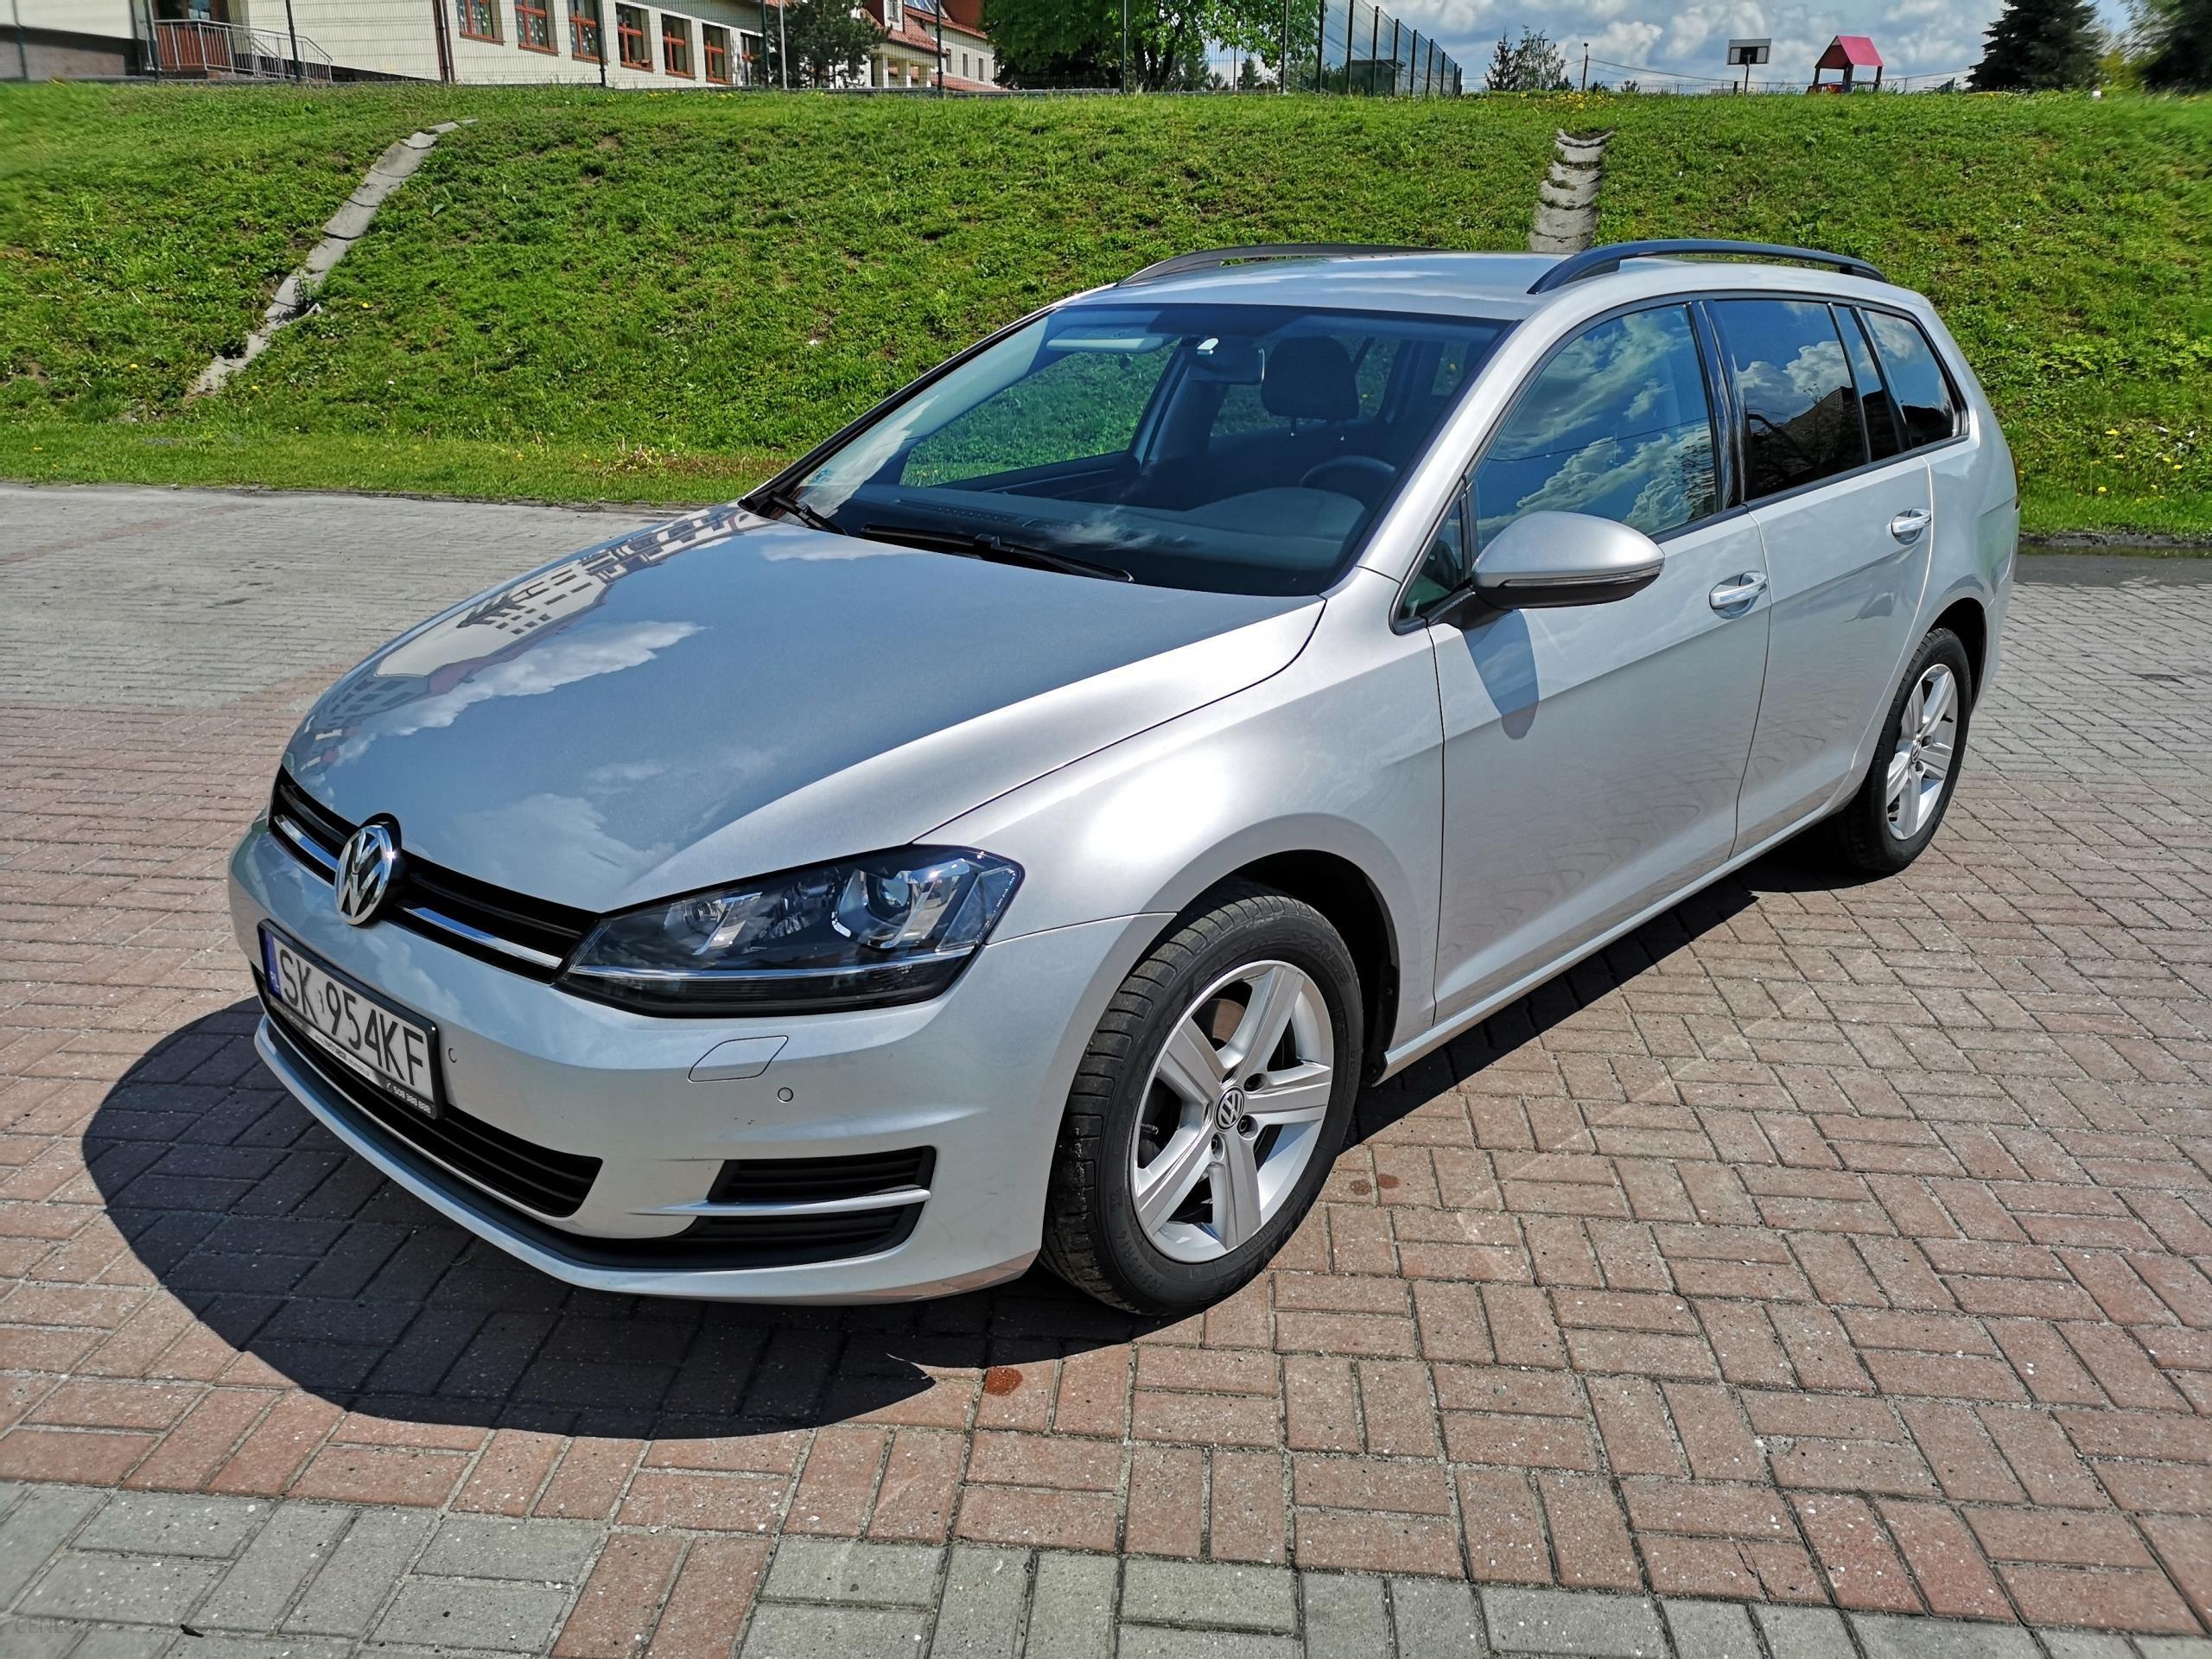 Volkswagen Golf Vii 16tdi Xenon Ambiente Pl Vat23